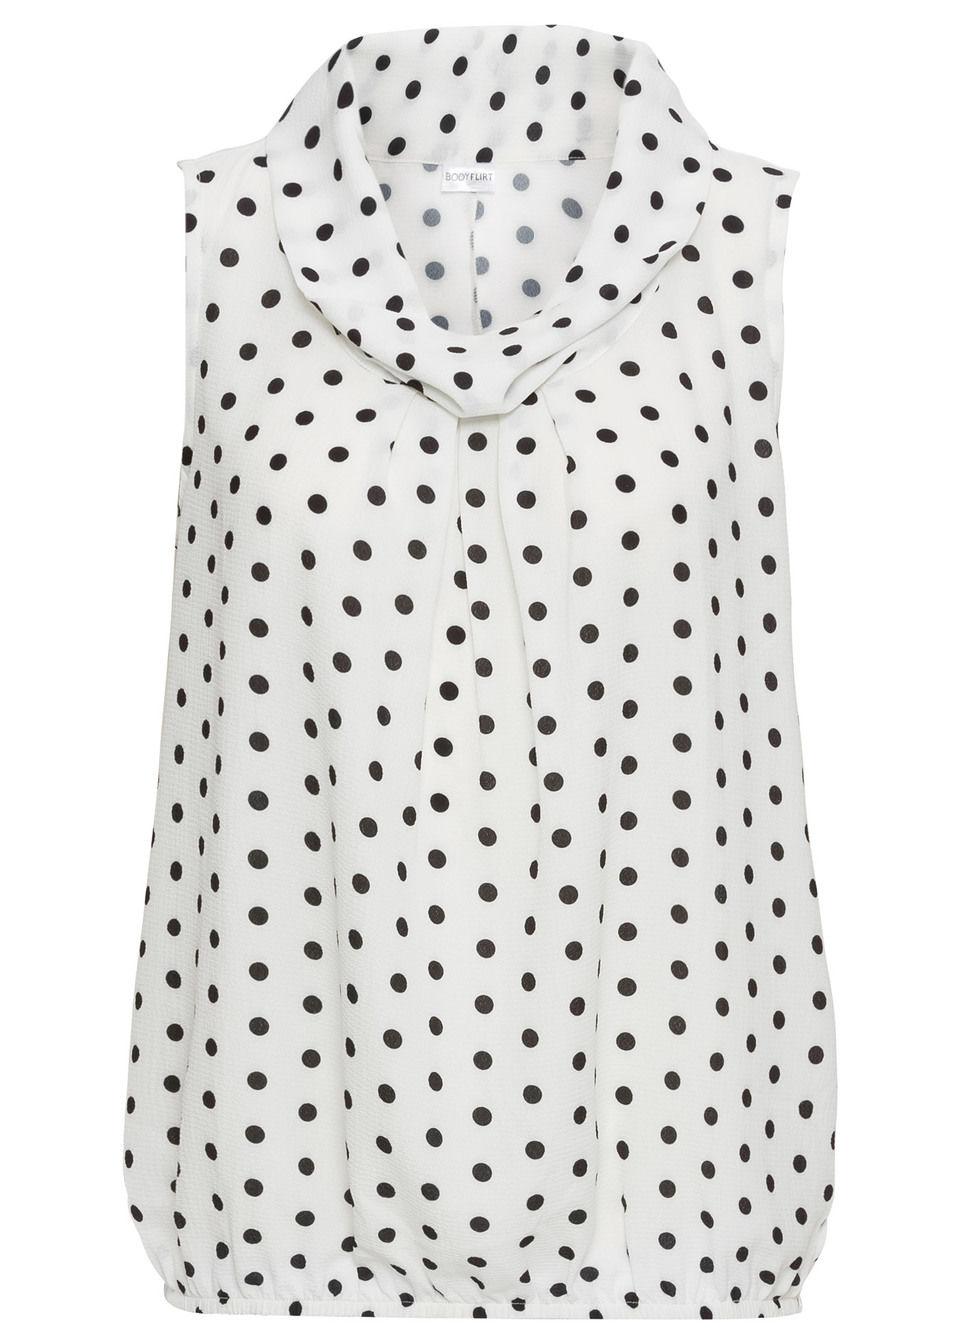 Купить Блузка без рукавов, bonprix, цвет белой шерсти/черный в горошек